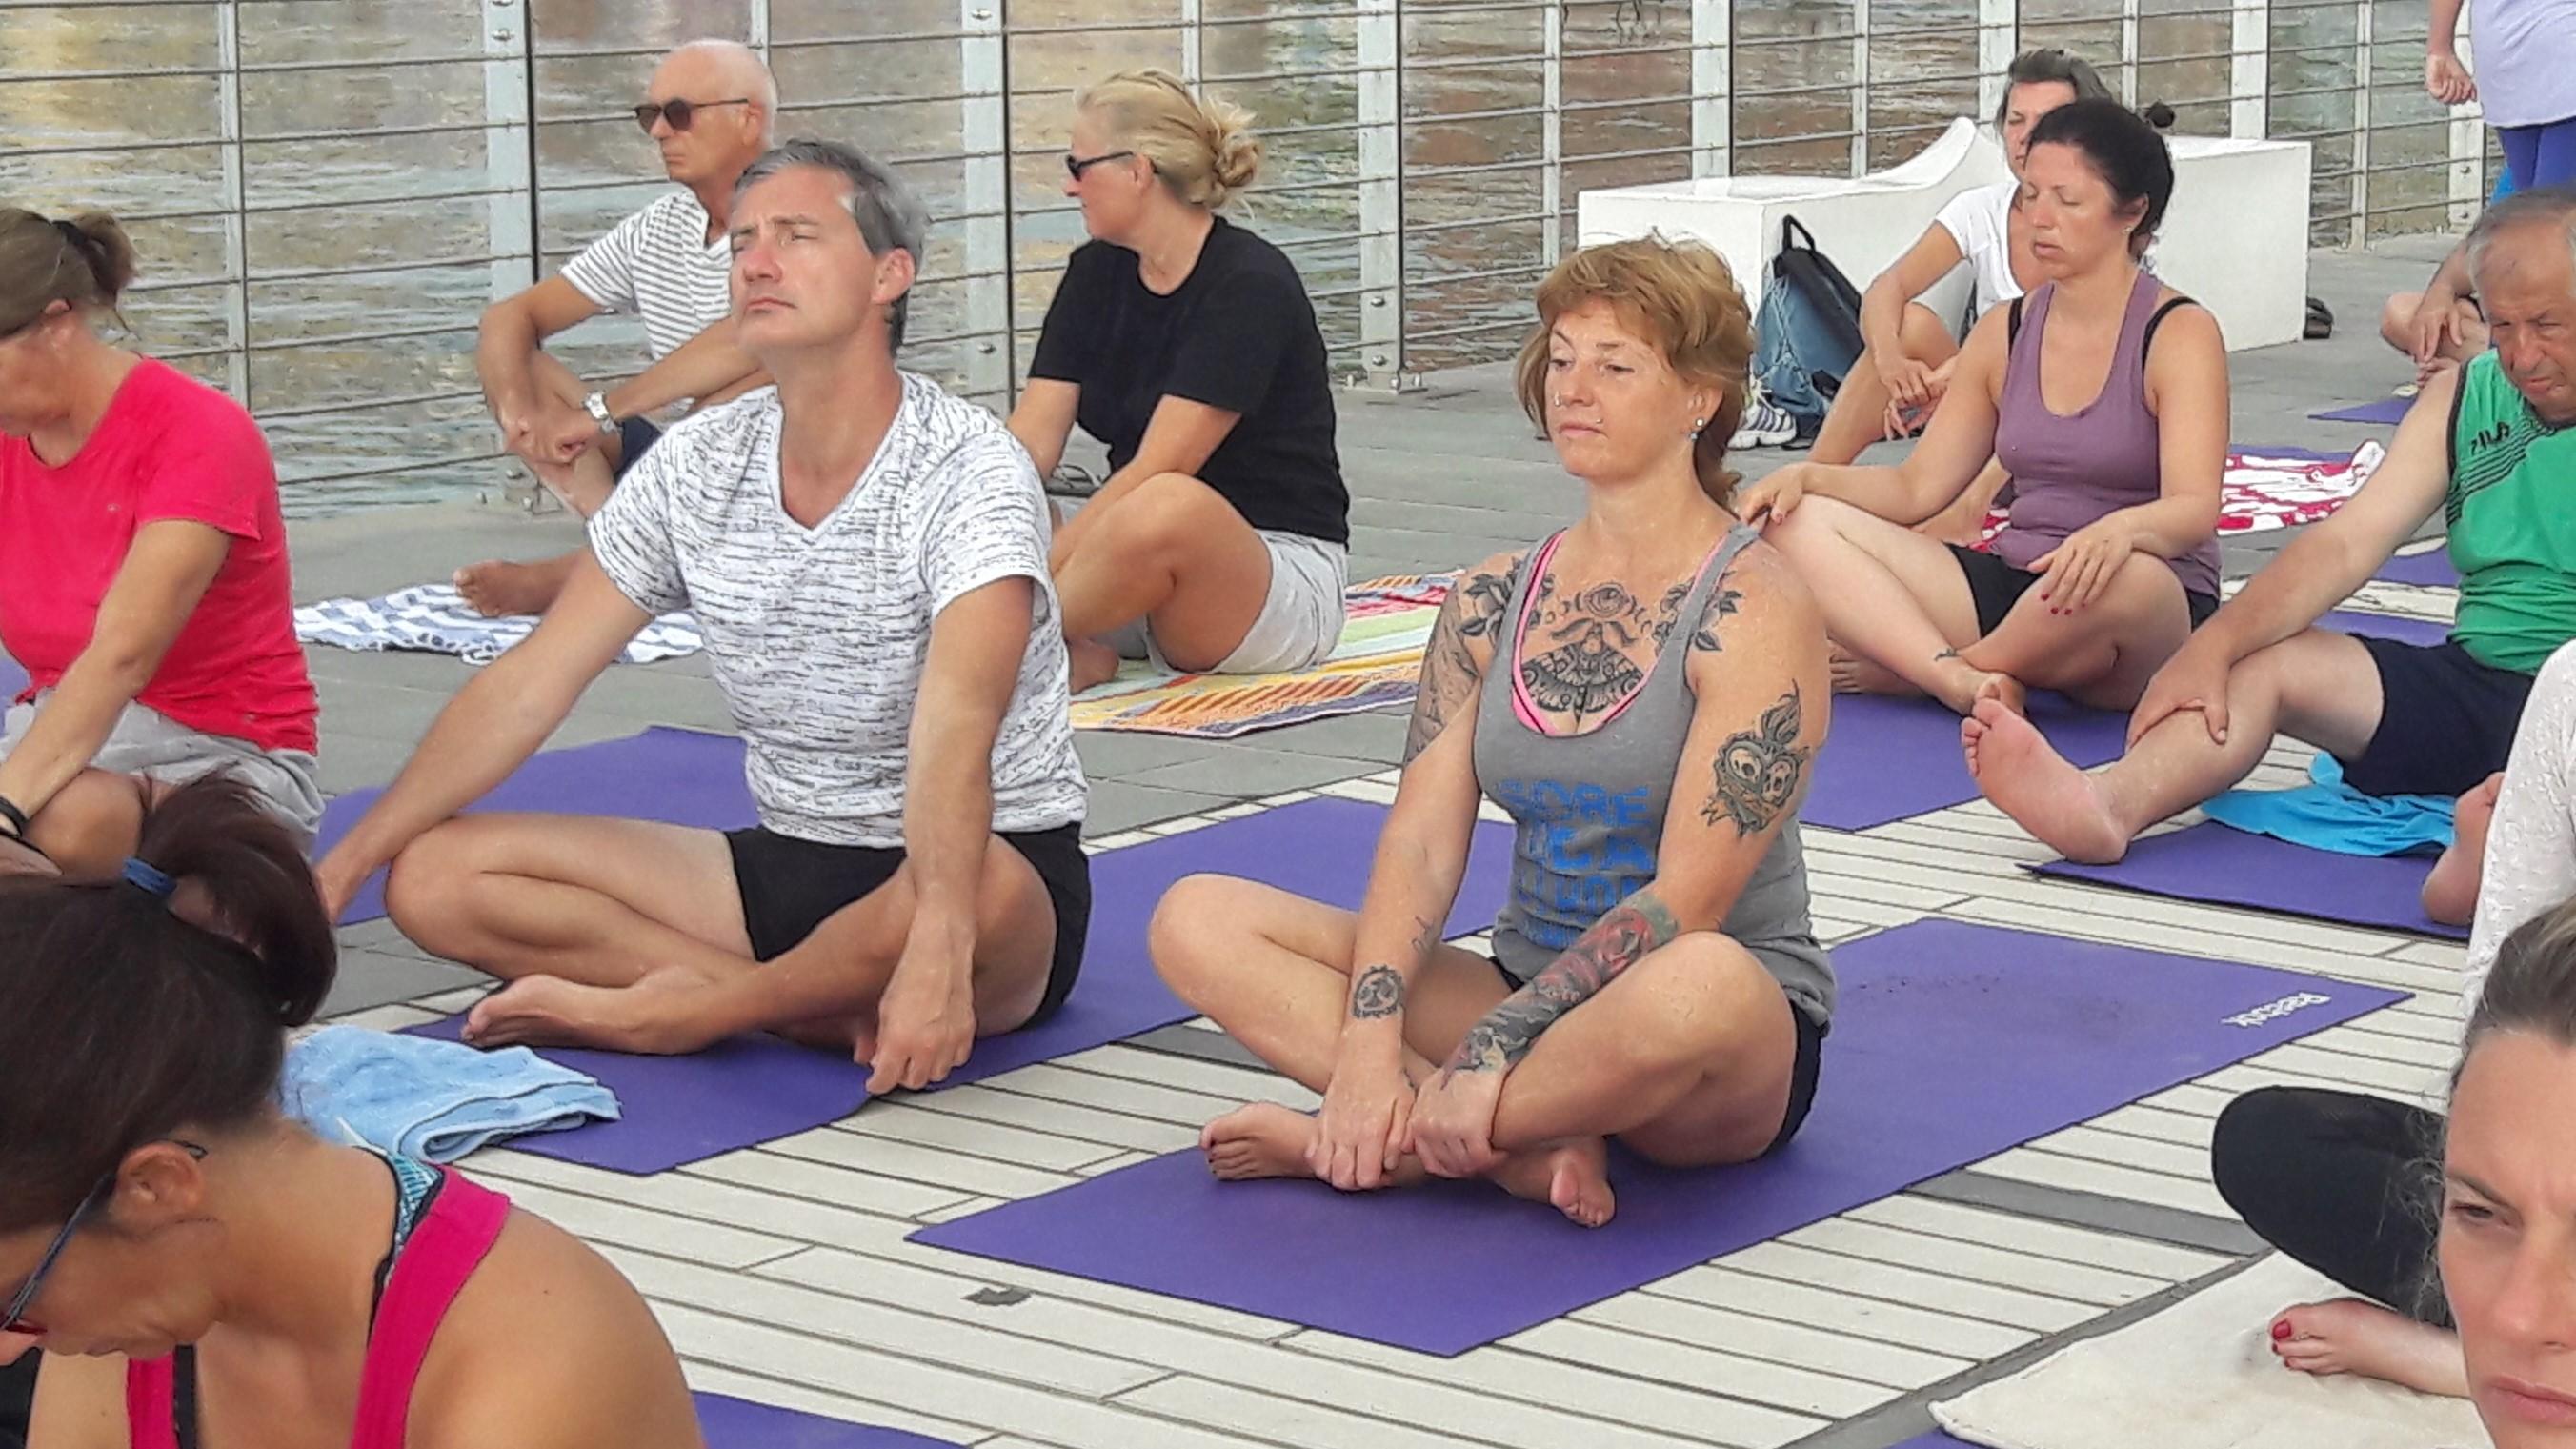 essere-free-yoga-gratuito-benessere-per-tutti-village-citta-alassio-estate-lucia-ragazzi-summer-town-wellness-45